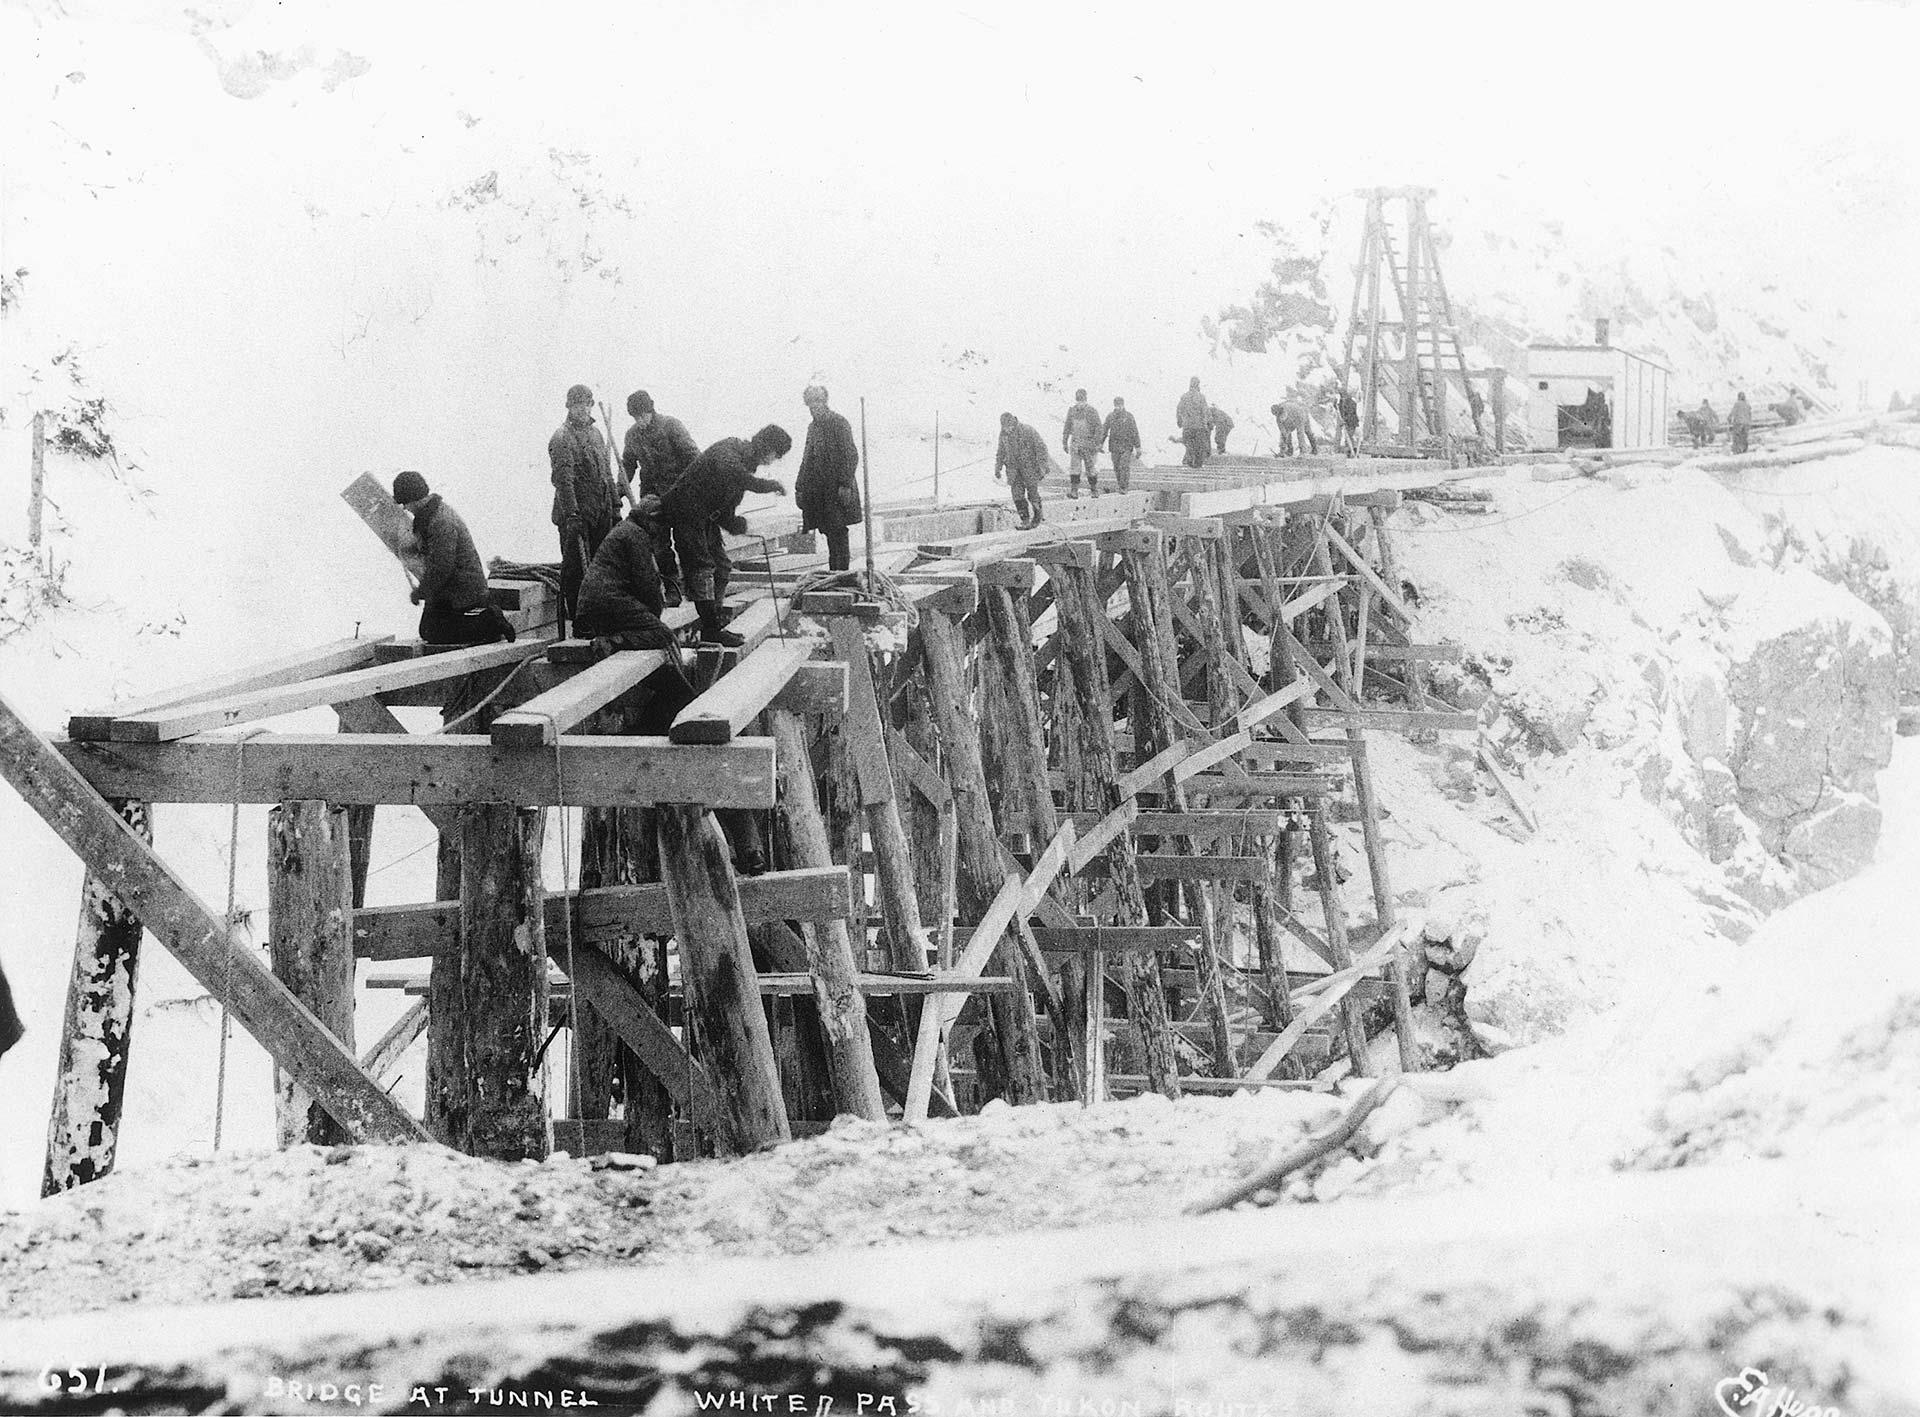 History   White Pass & Yukon Route Railway